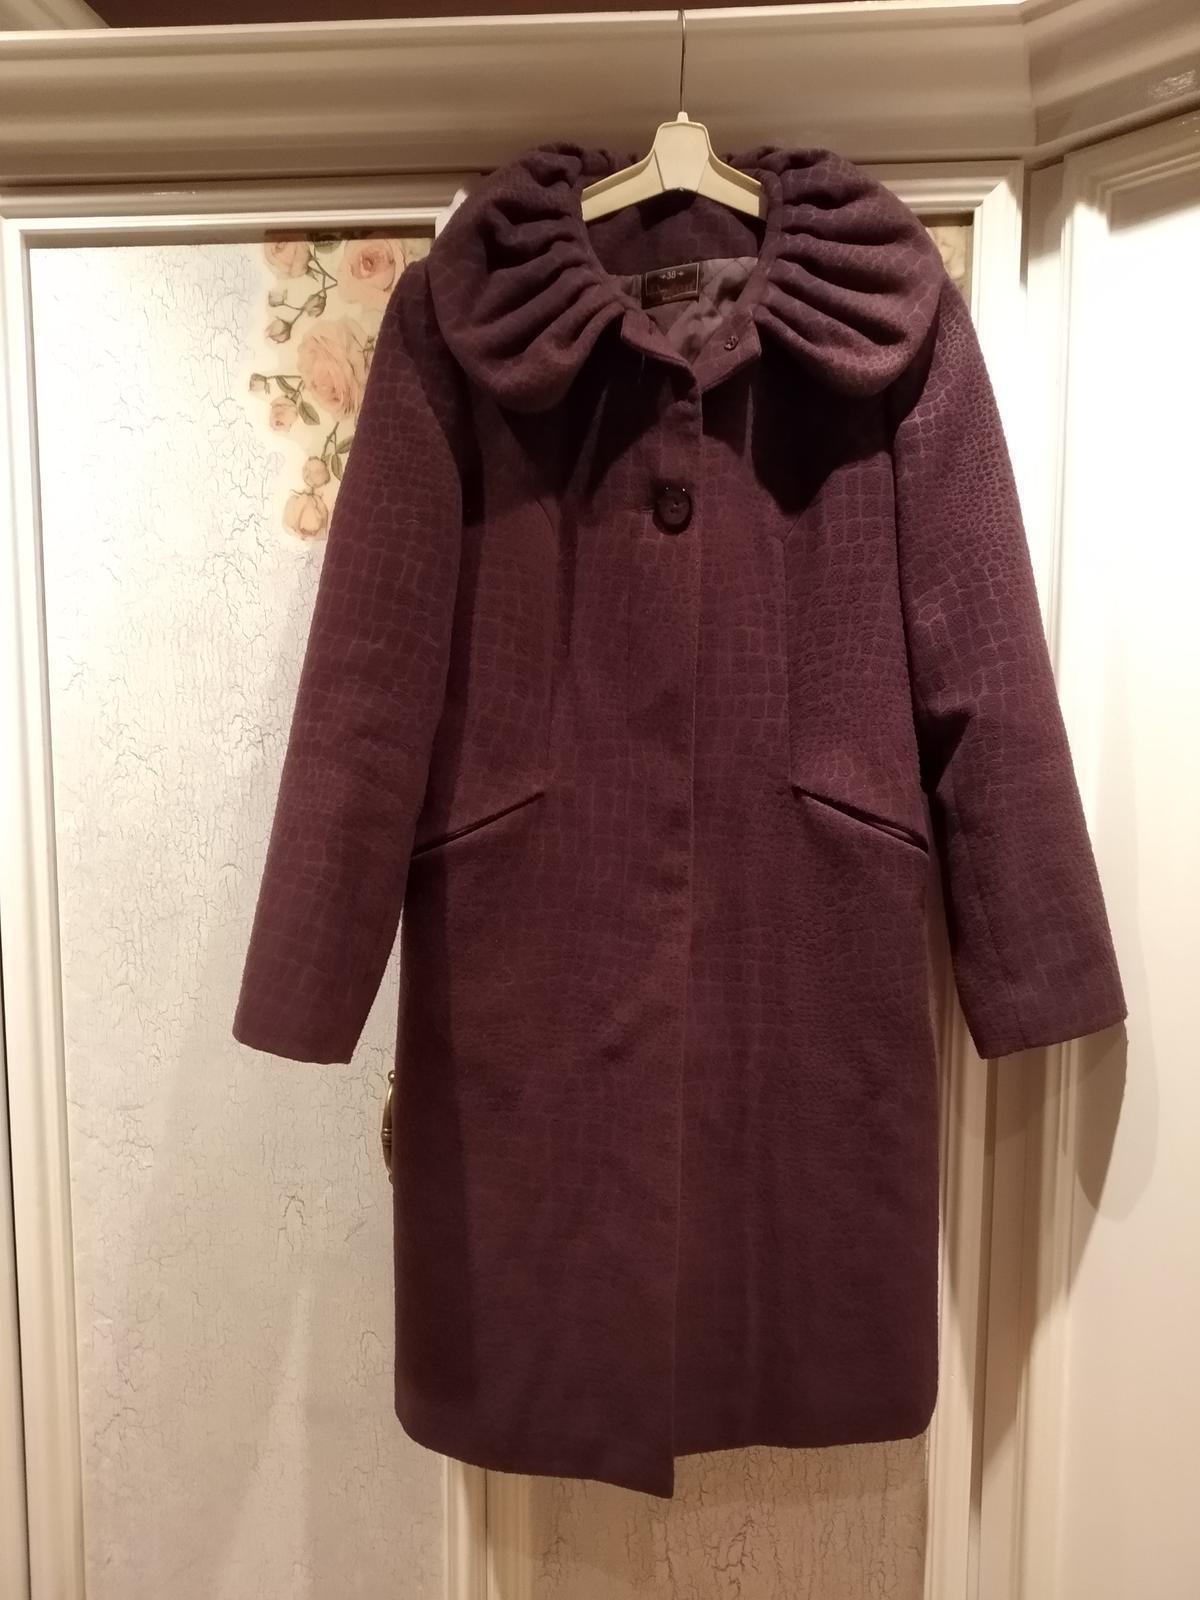 kabát zimný - Obrázok č. 1